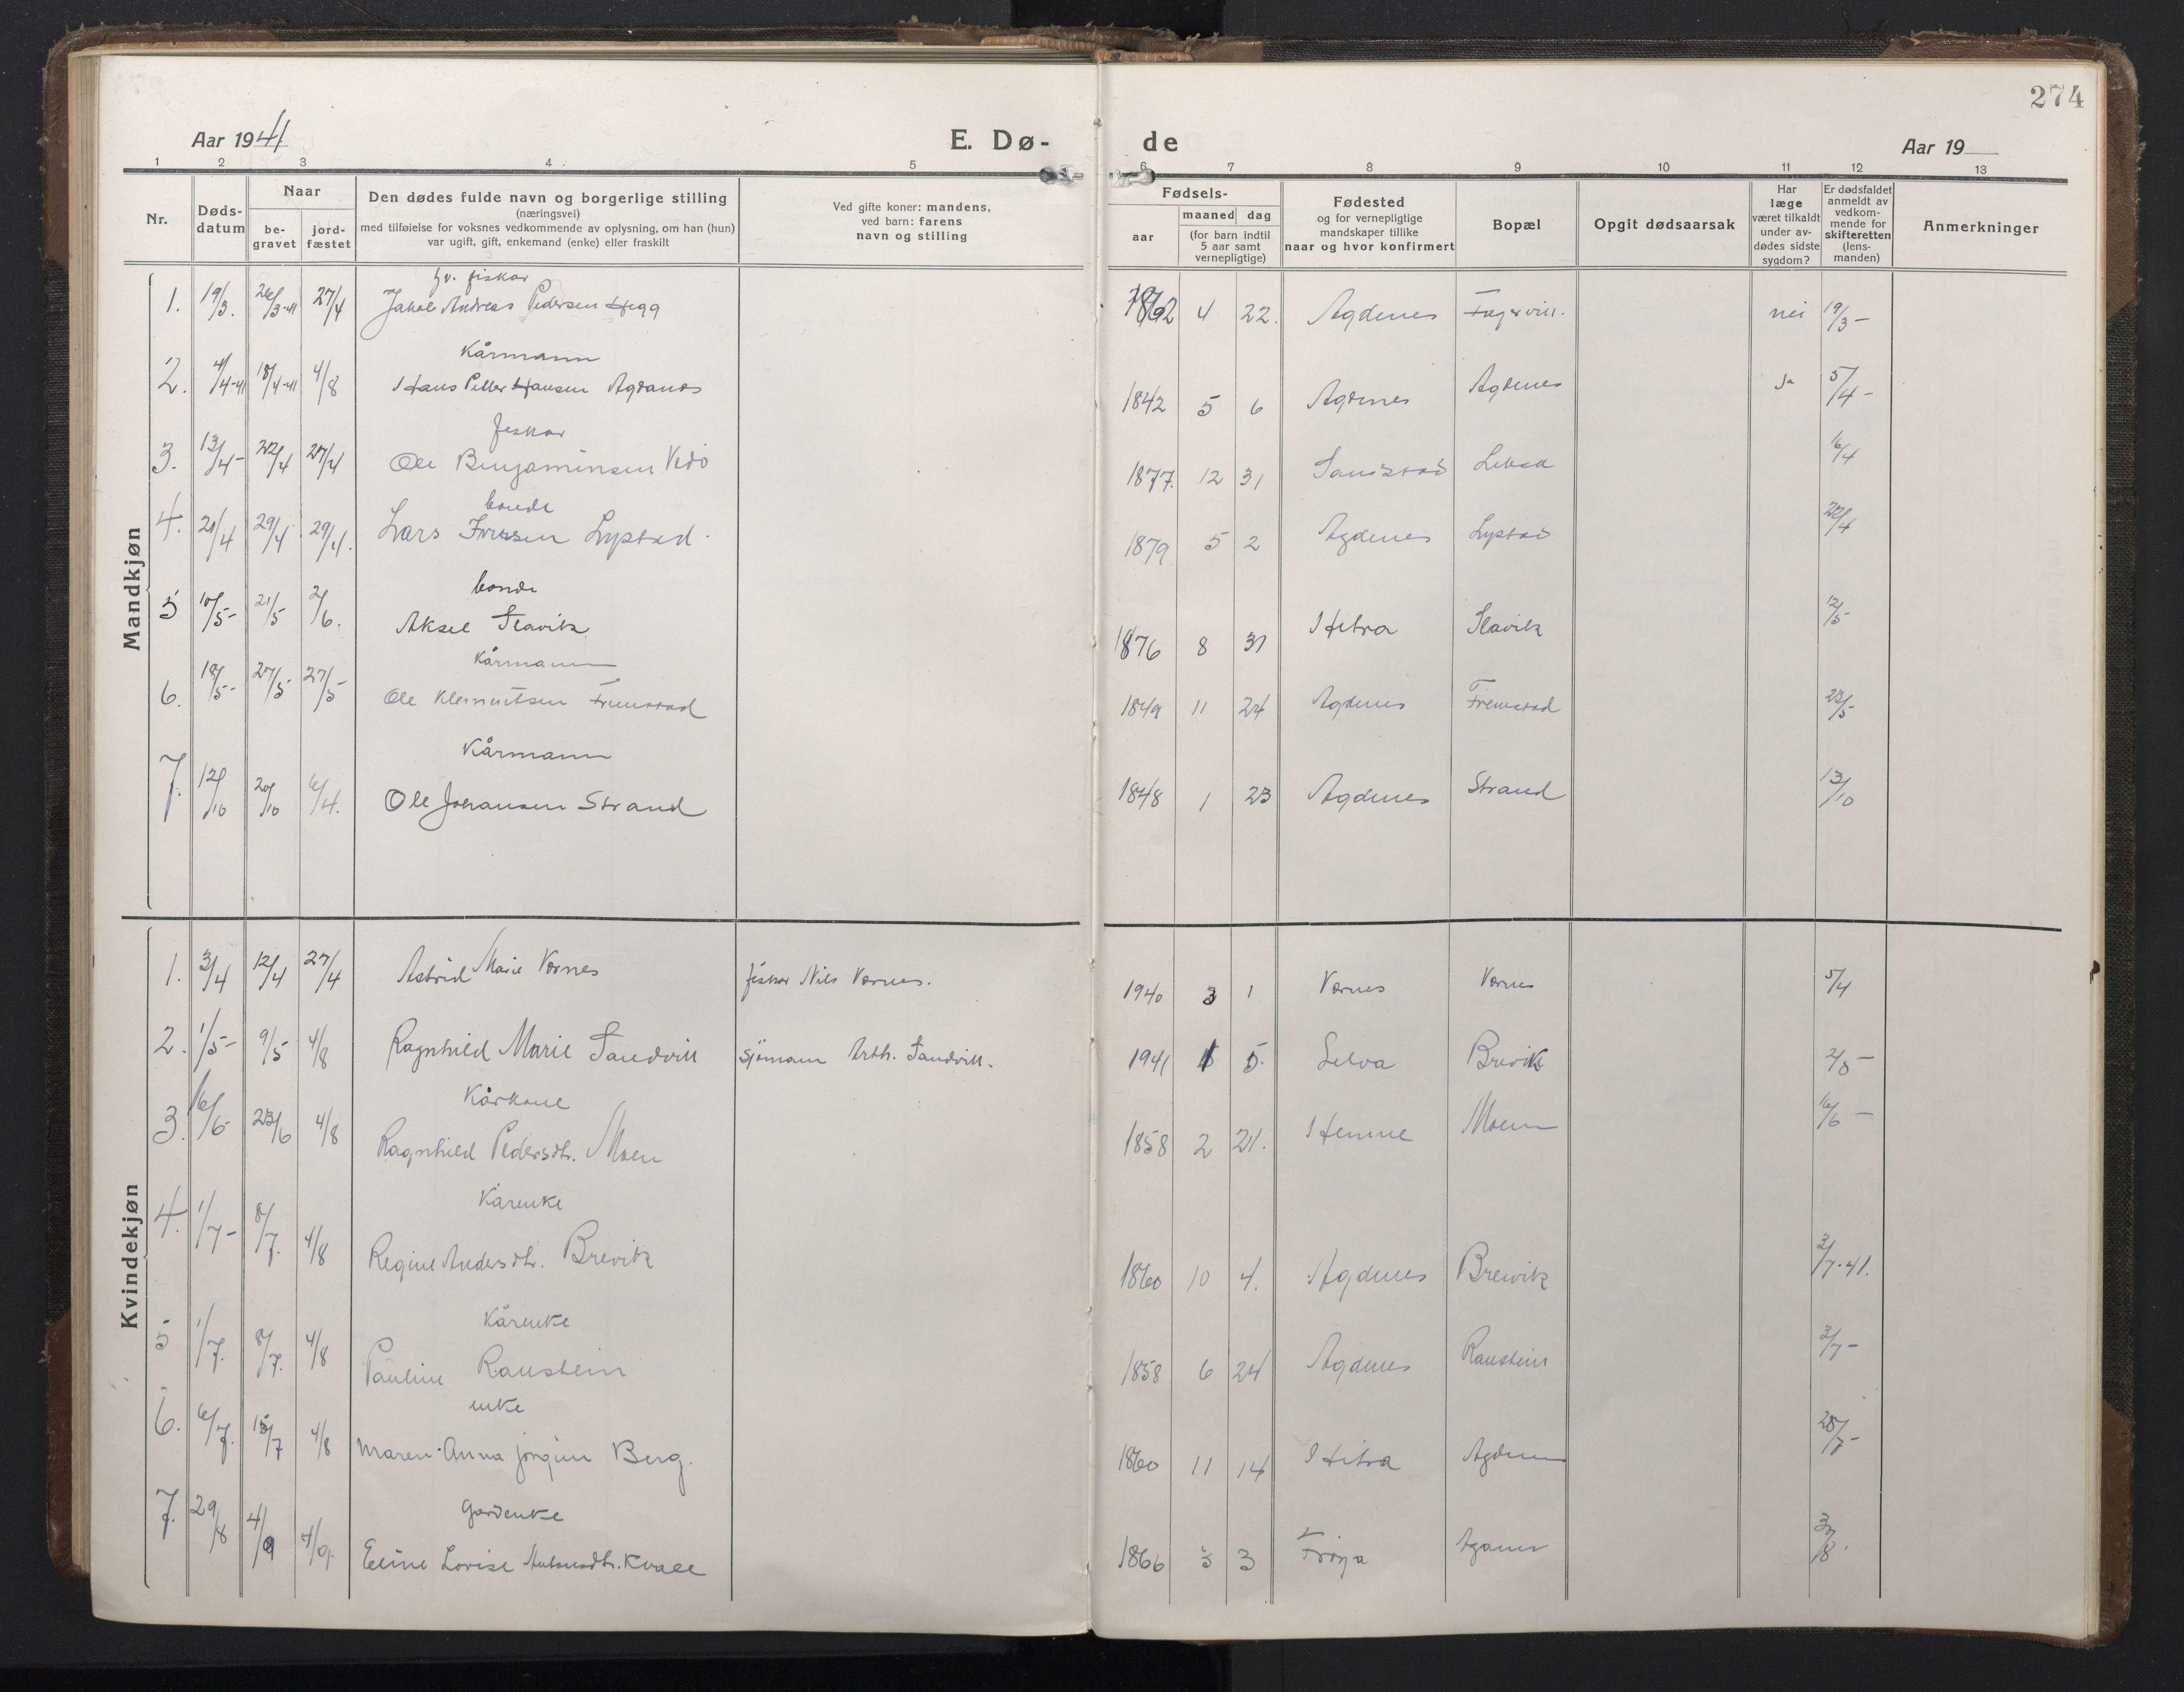 SAT, Ministerialprotokoller, klokkerbøker og fødselsregistre - Sør-Trøndelag, 662/L0758: Klokkerbok nr. 662C03, 1918-1948, s. 274